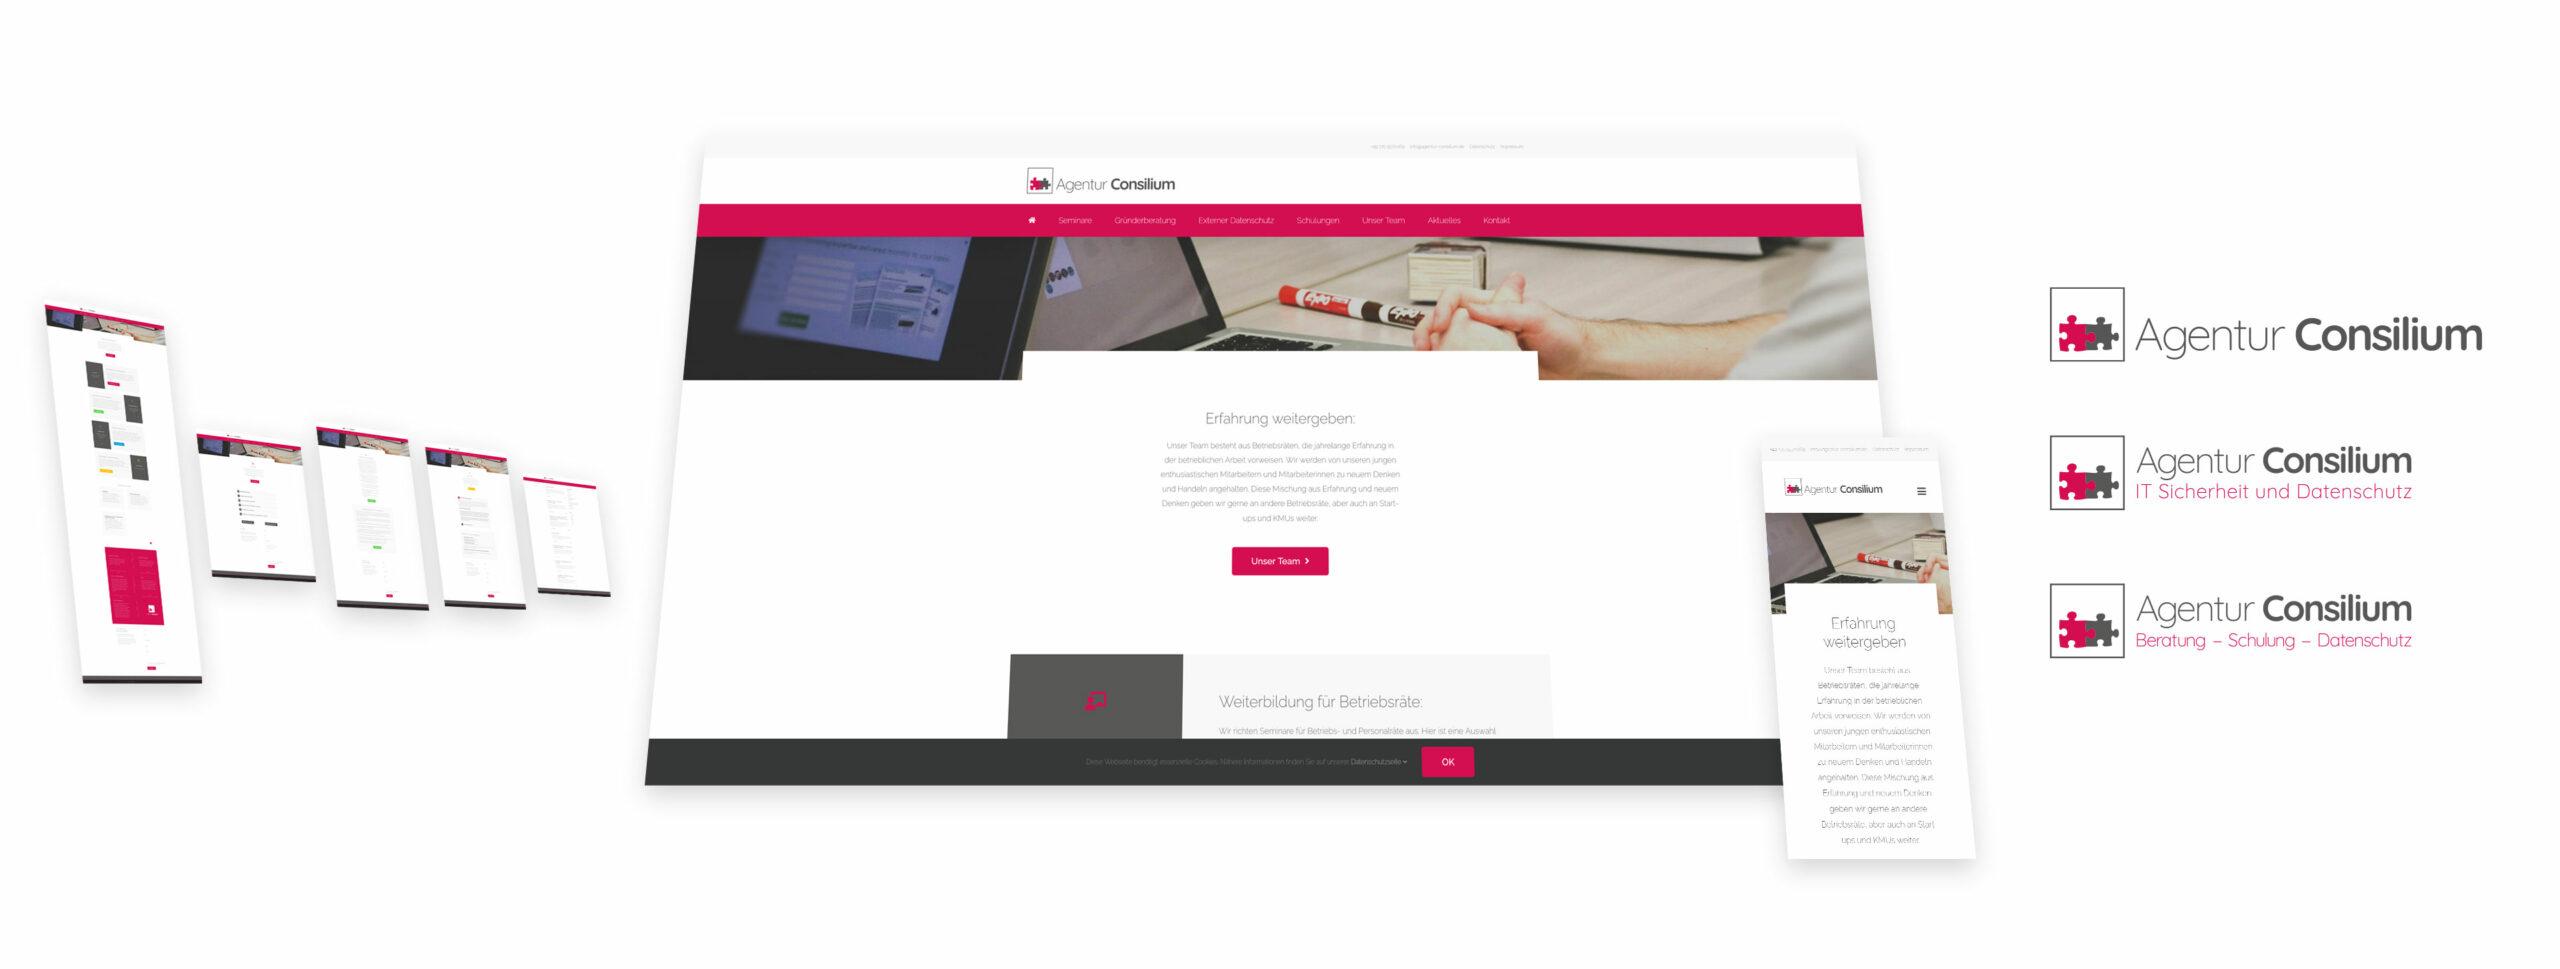 Existenzgründer-Webseite für erfahrenen Datenschützer - Agentur Consilium